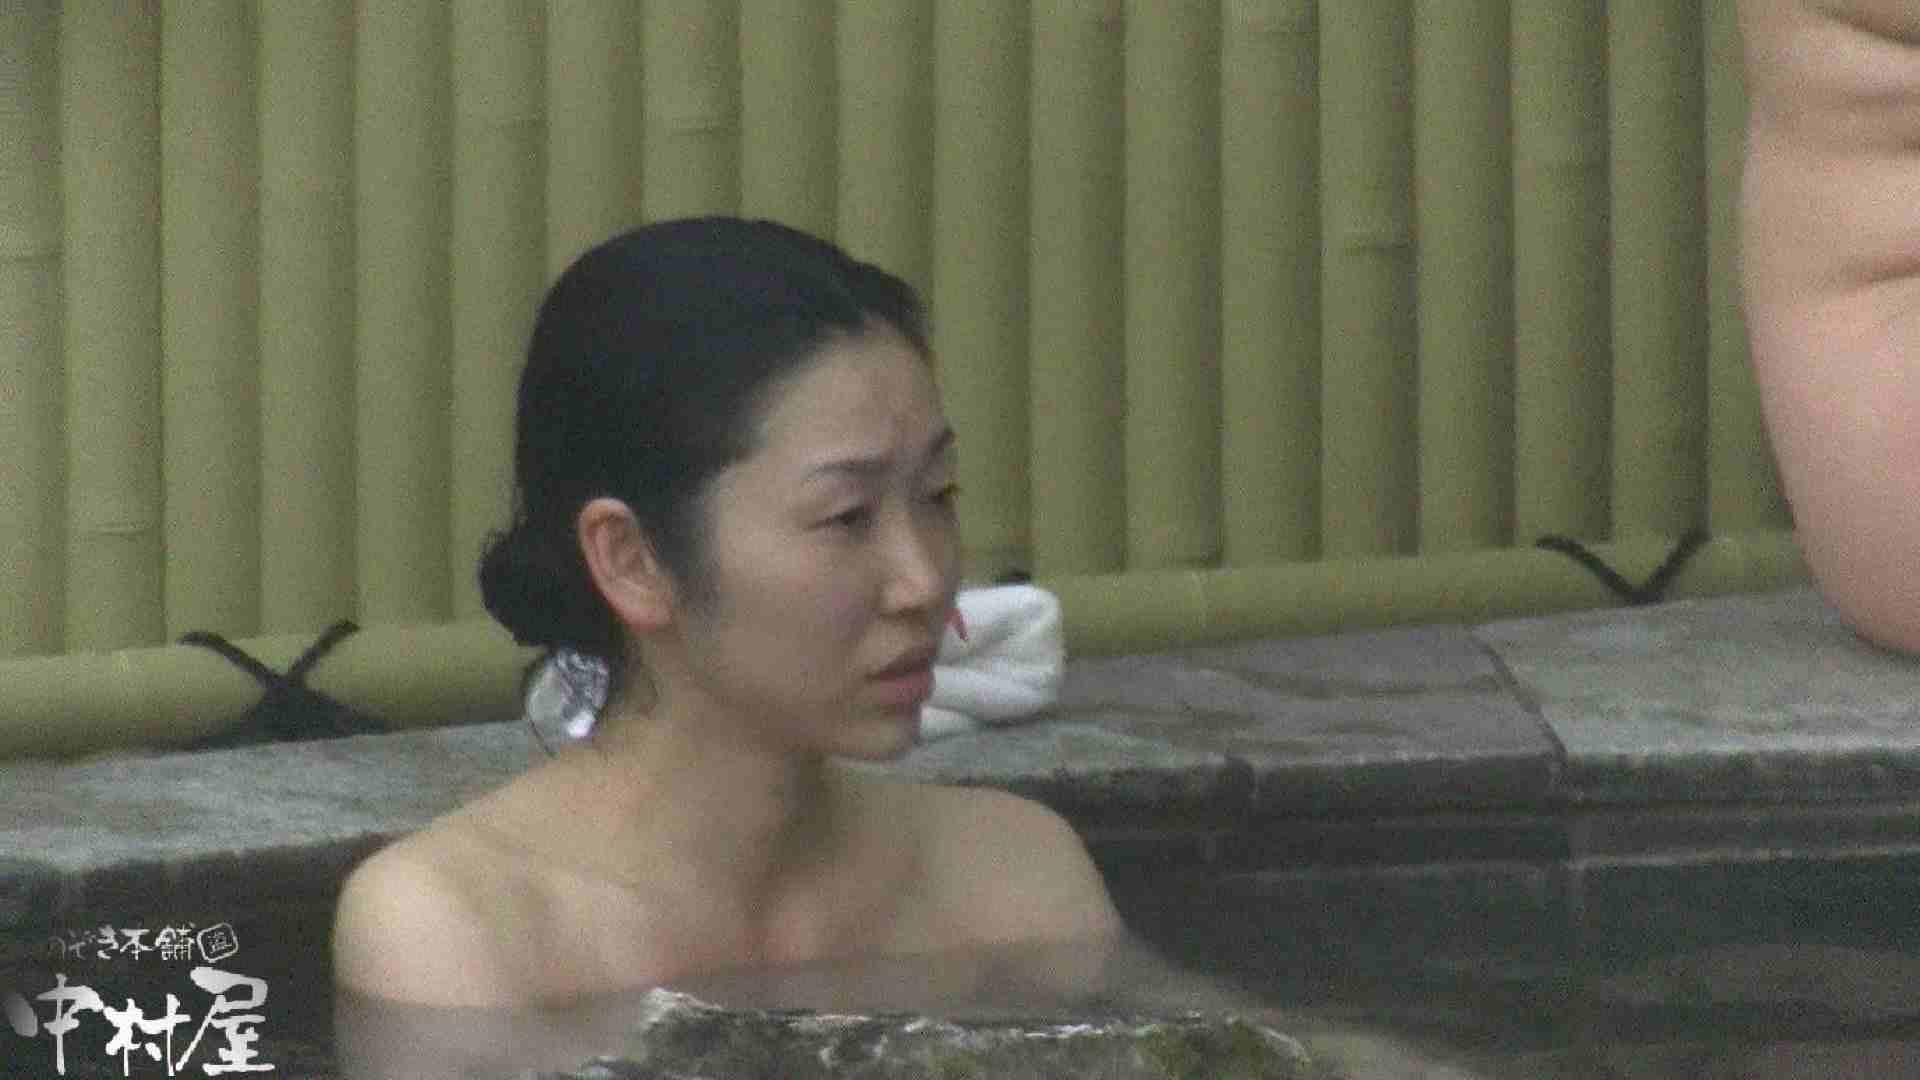 Aquaな露天風呂Vol.917 盗撮 | 露天  55pic 20